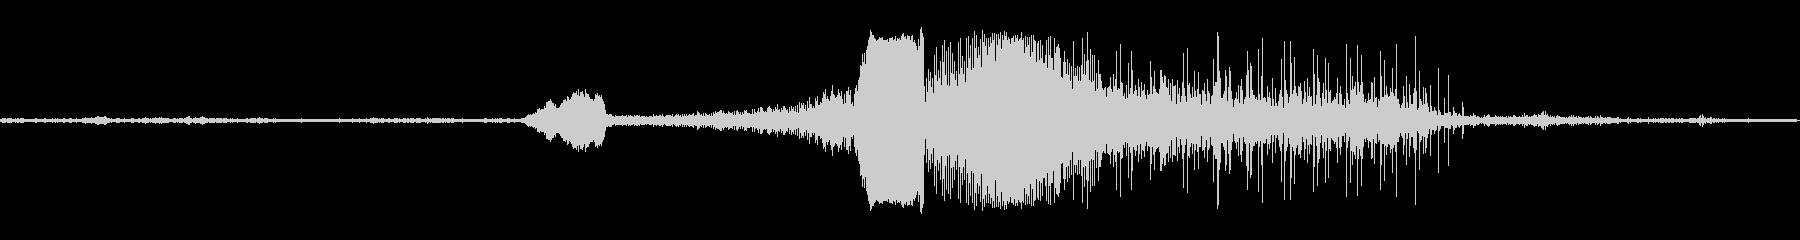 狭いゲージの蒸気機関車:ロールバイ...の未再生の波形